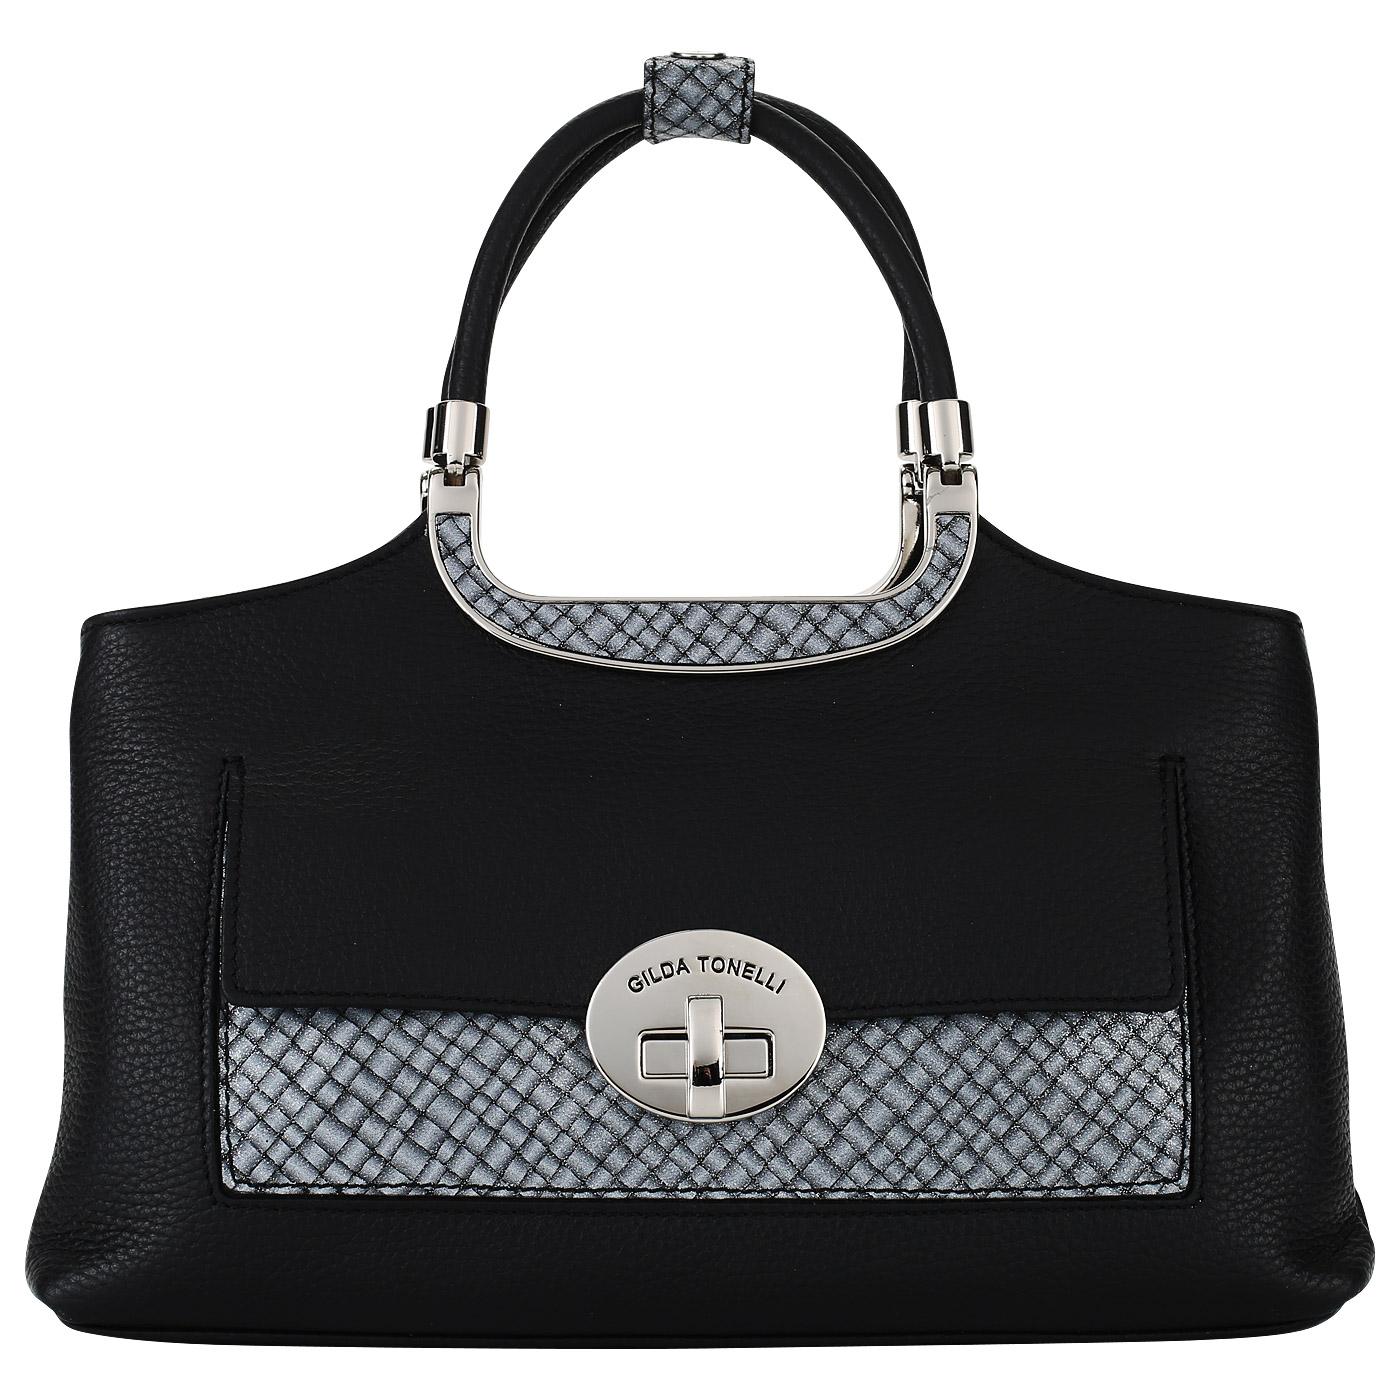 ceac985f2ffc Женская сумка с двумя отделами Gilda Tonelli Adria 3302 5233_nero ...